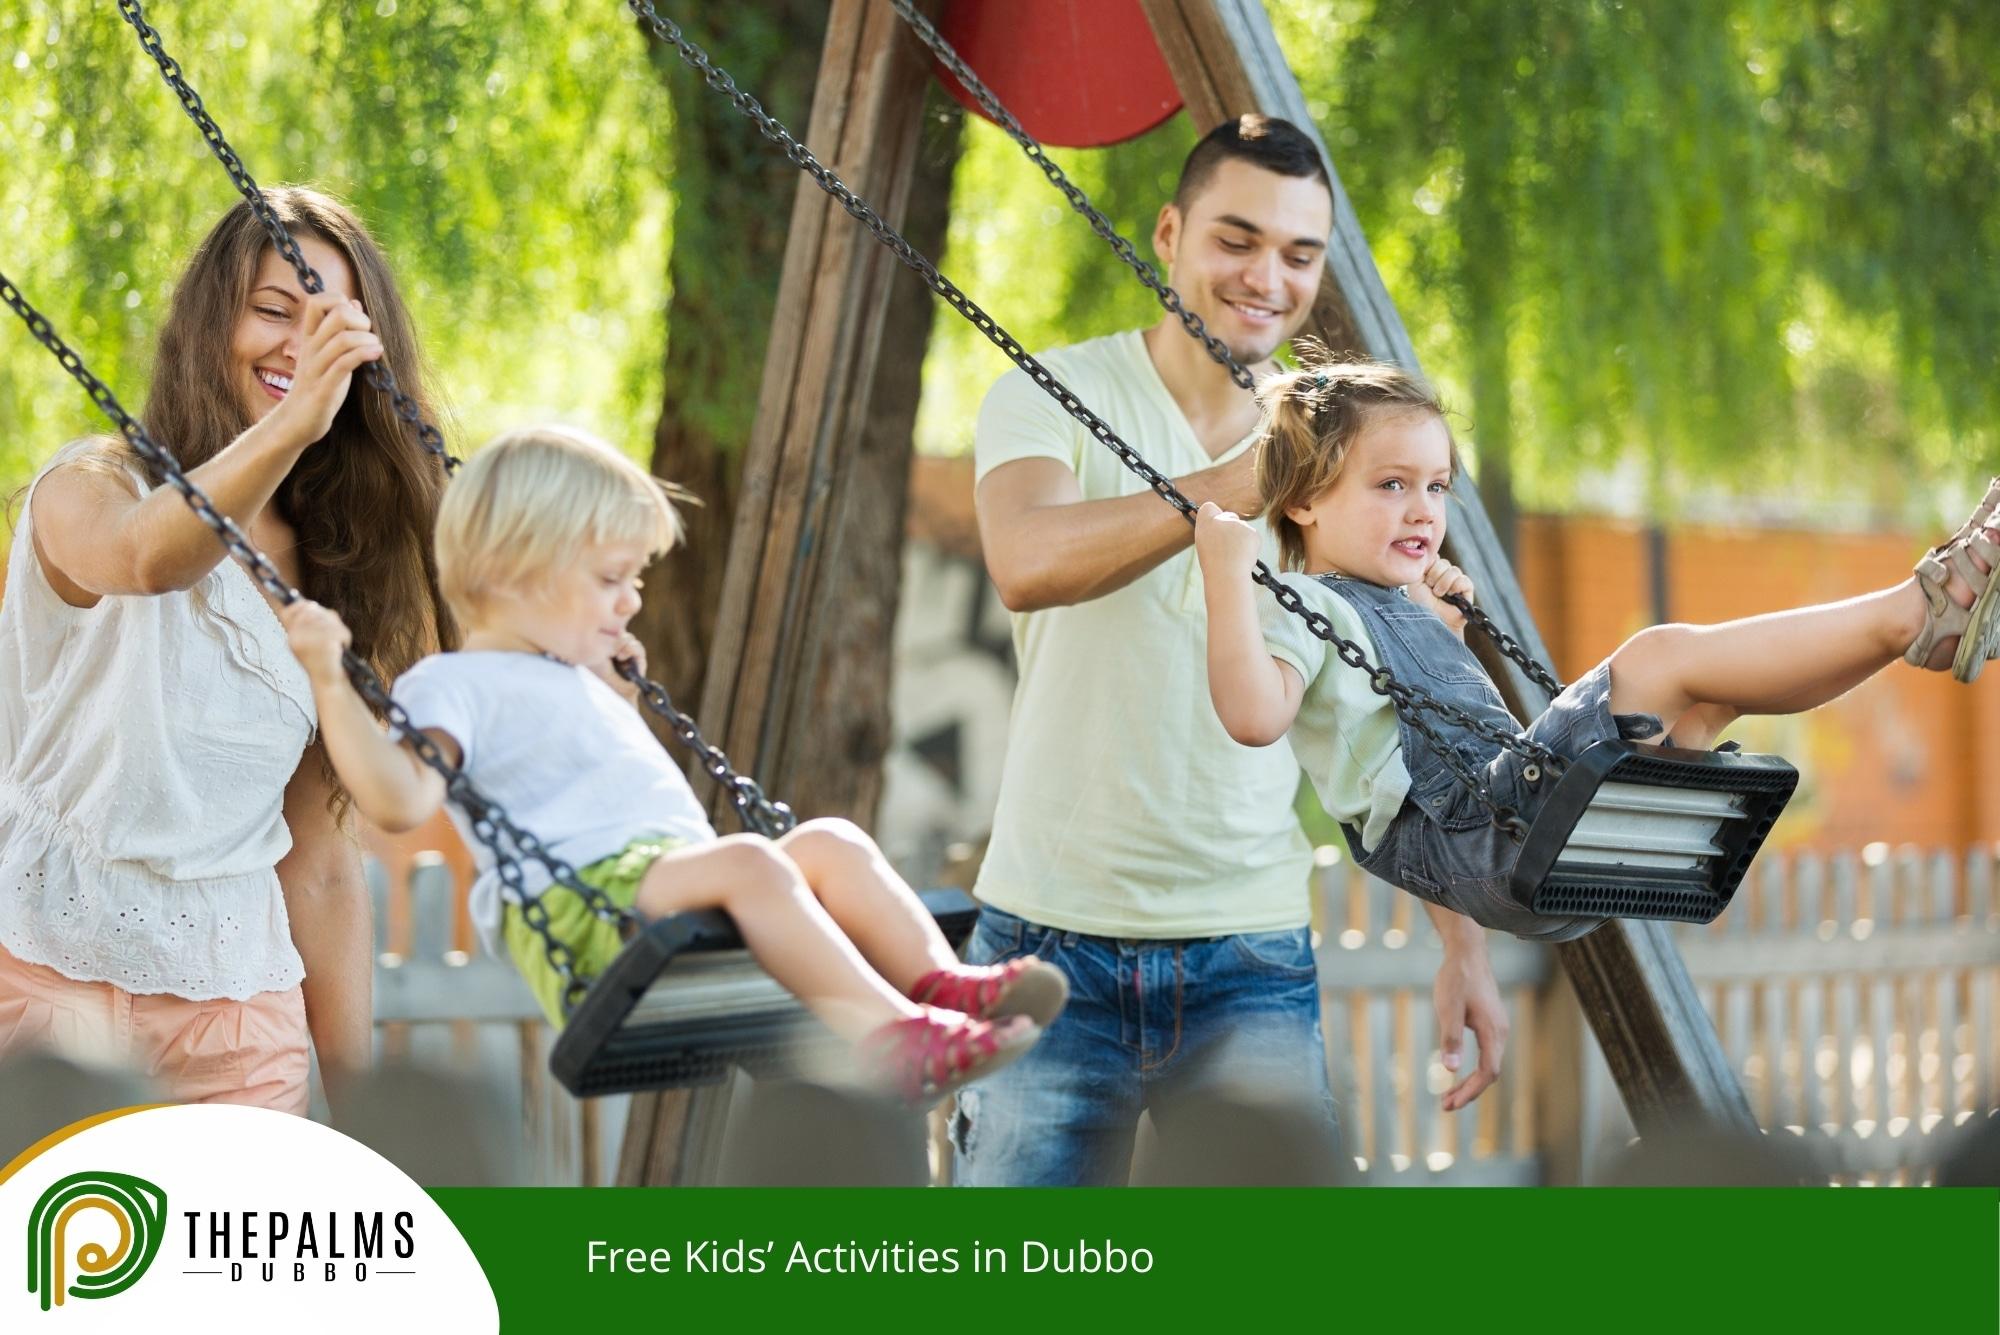 Free Kids' Activities in Dubbo